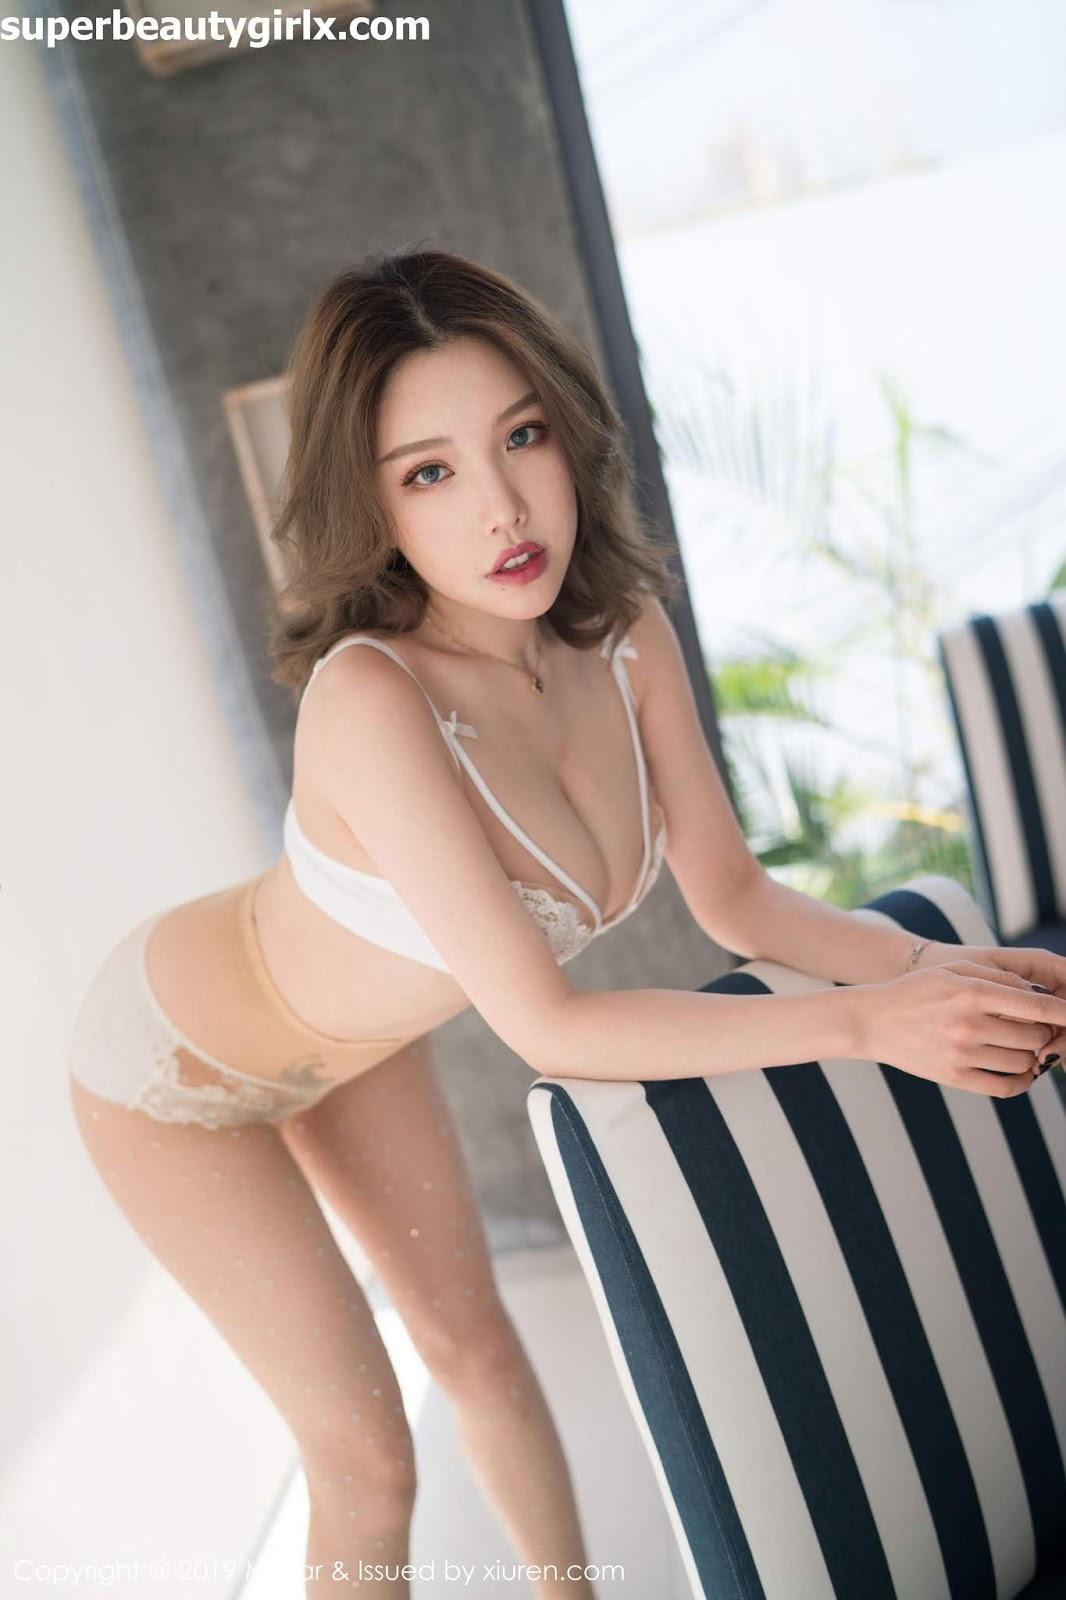 MiStar-Vol.310-Huang-Le-Ran-Superbeautygirlx.com